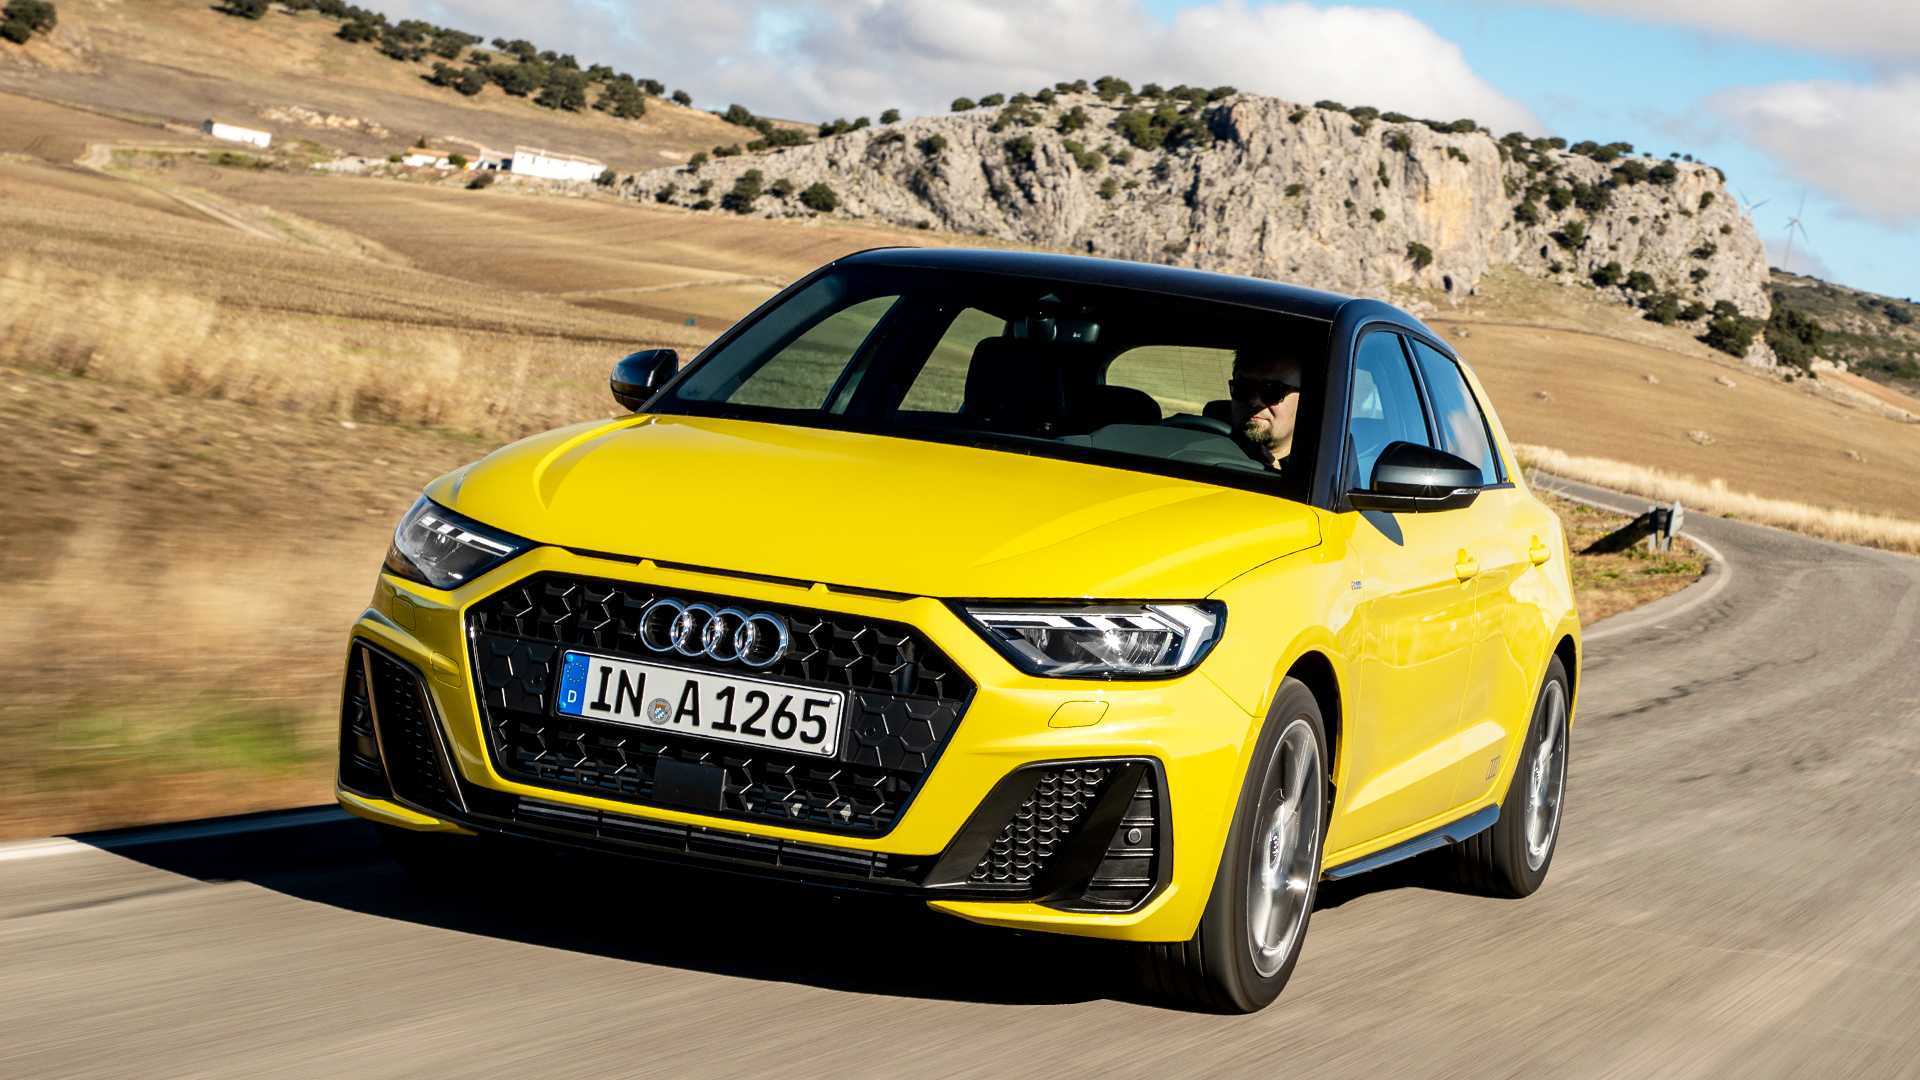 Новый Audi A1 в желтом цвете (фото)